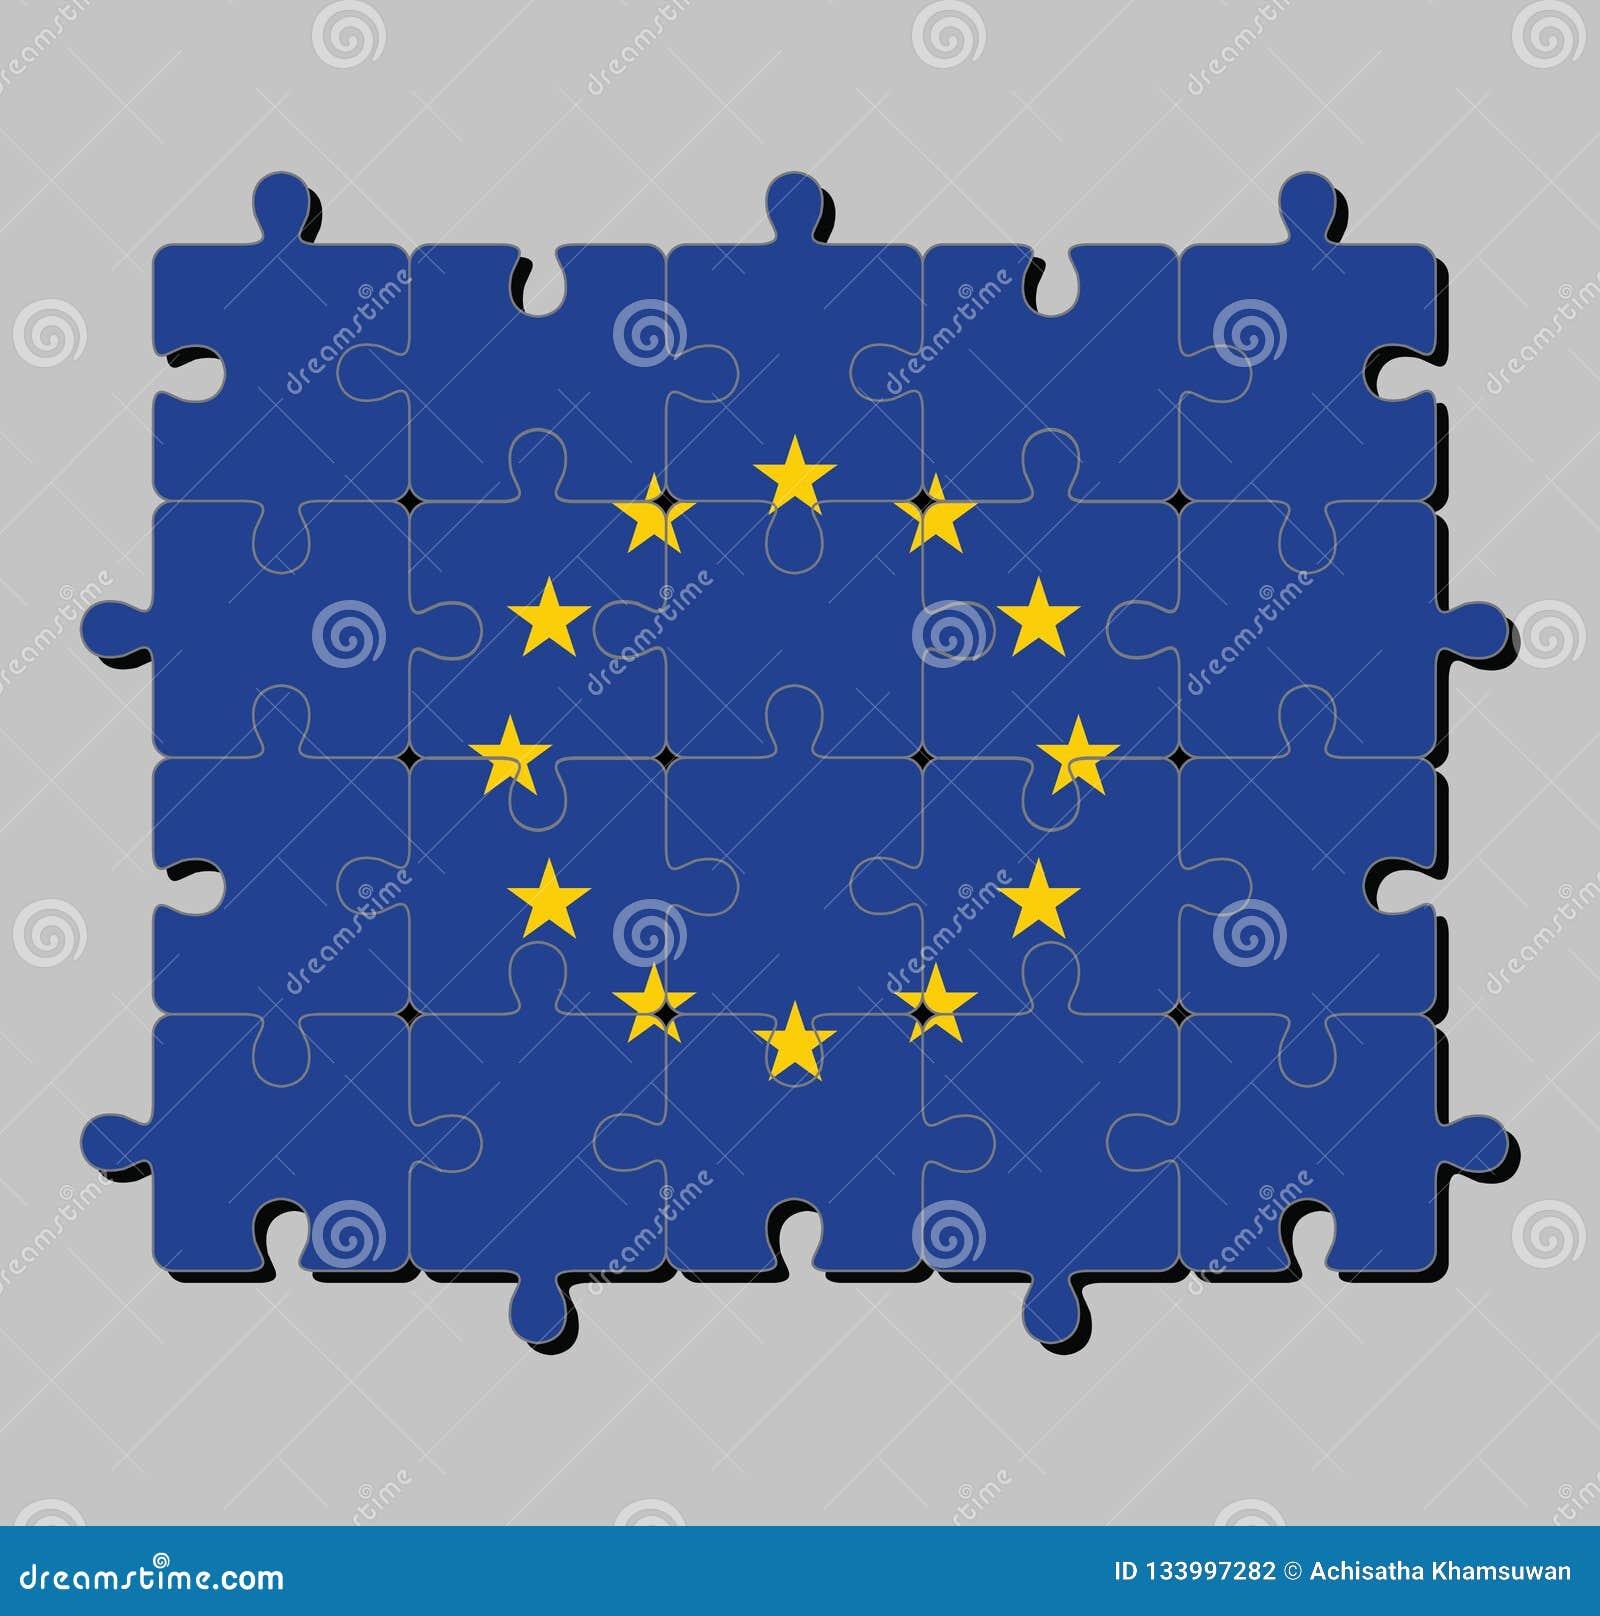 Puzzel van Europese Unie vlag in een cirkel van twaalf vijf-gerichte gele sterren op een blauw gebied